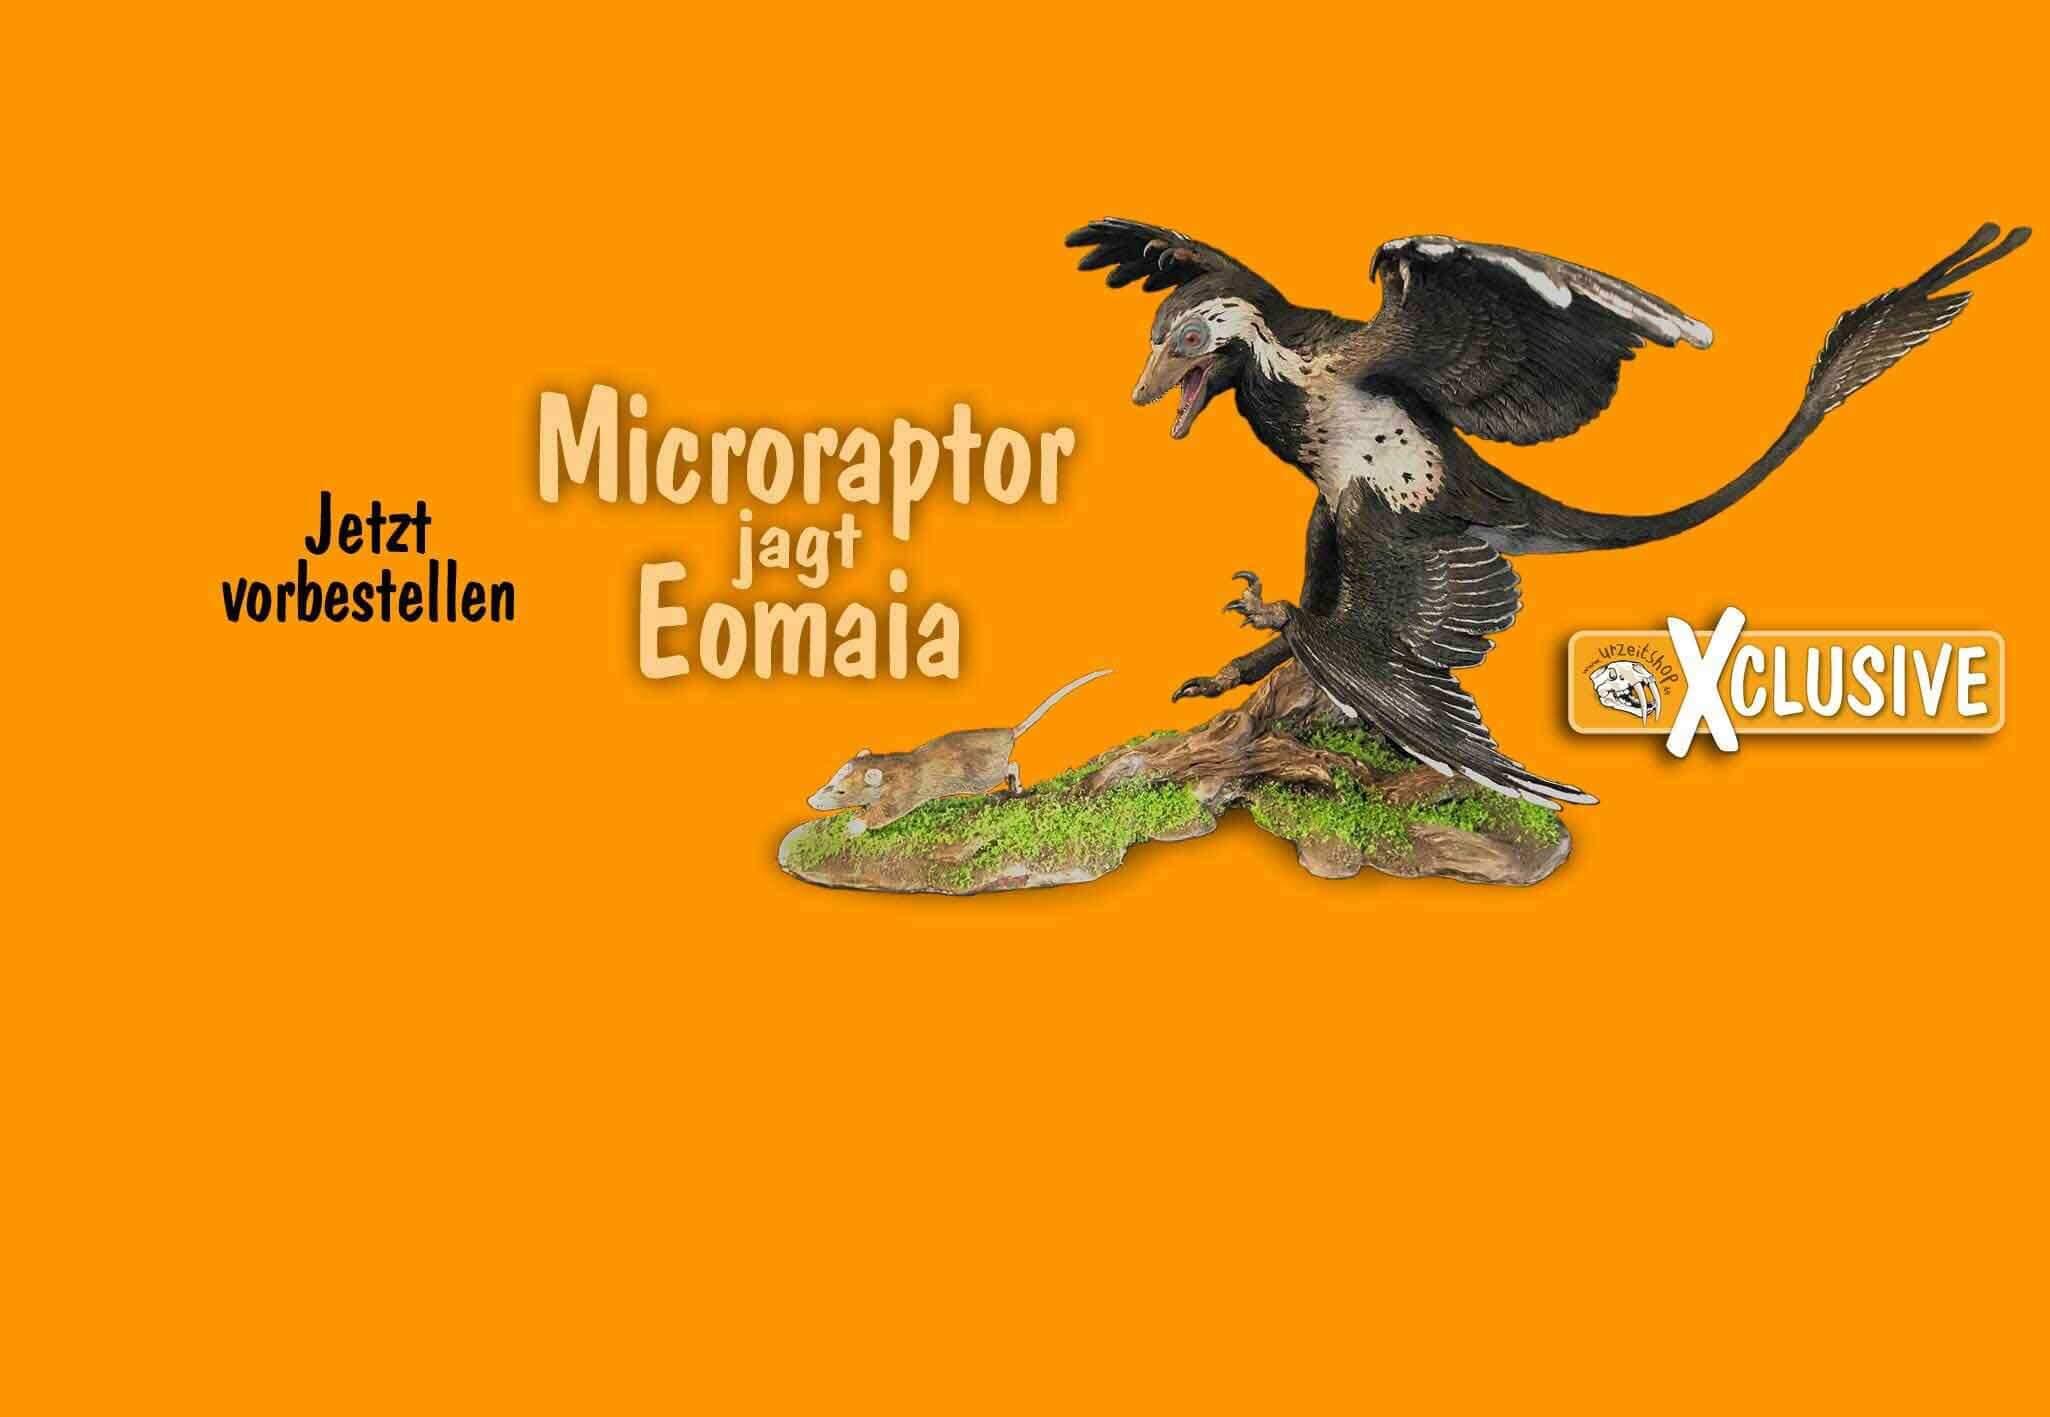 Jetzt vorbestellen: Microraptor jagt Eomaia